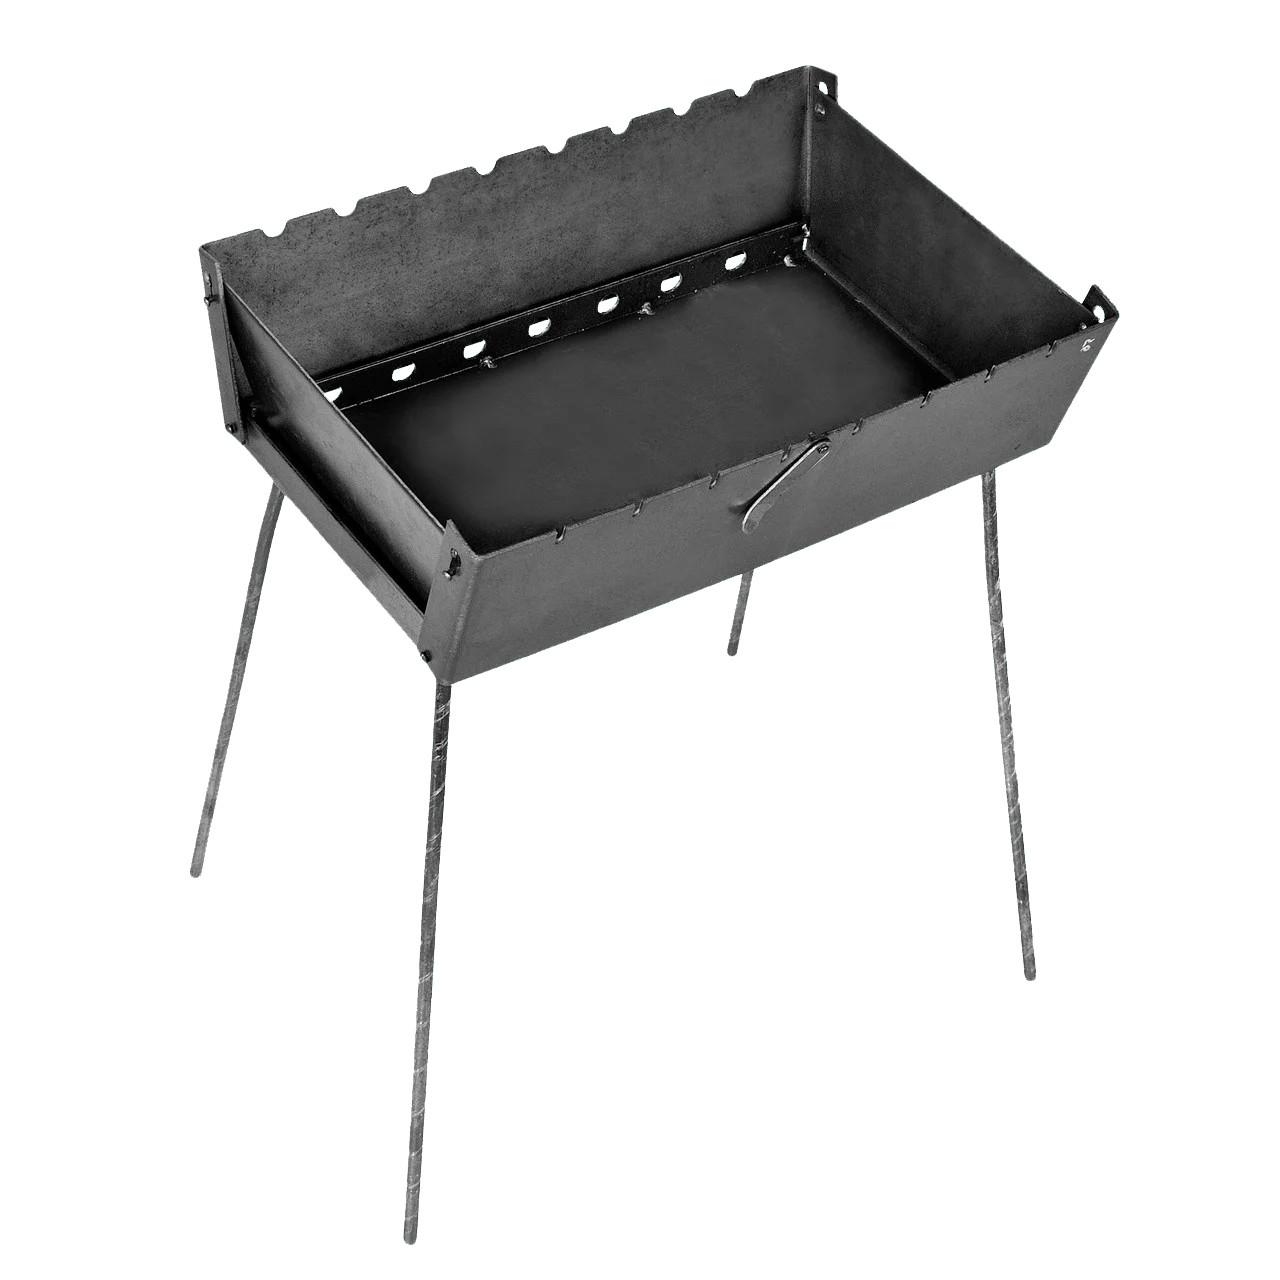 Мангал - чемодан 3 мм на 8 шампуров 450х300х140мм Раскладной Походный